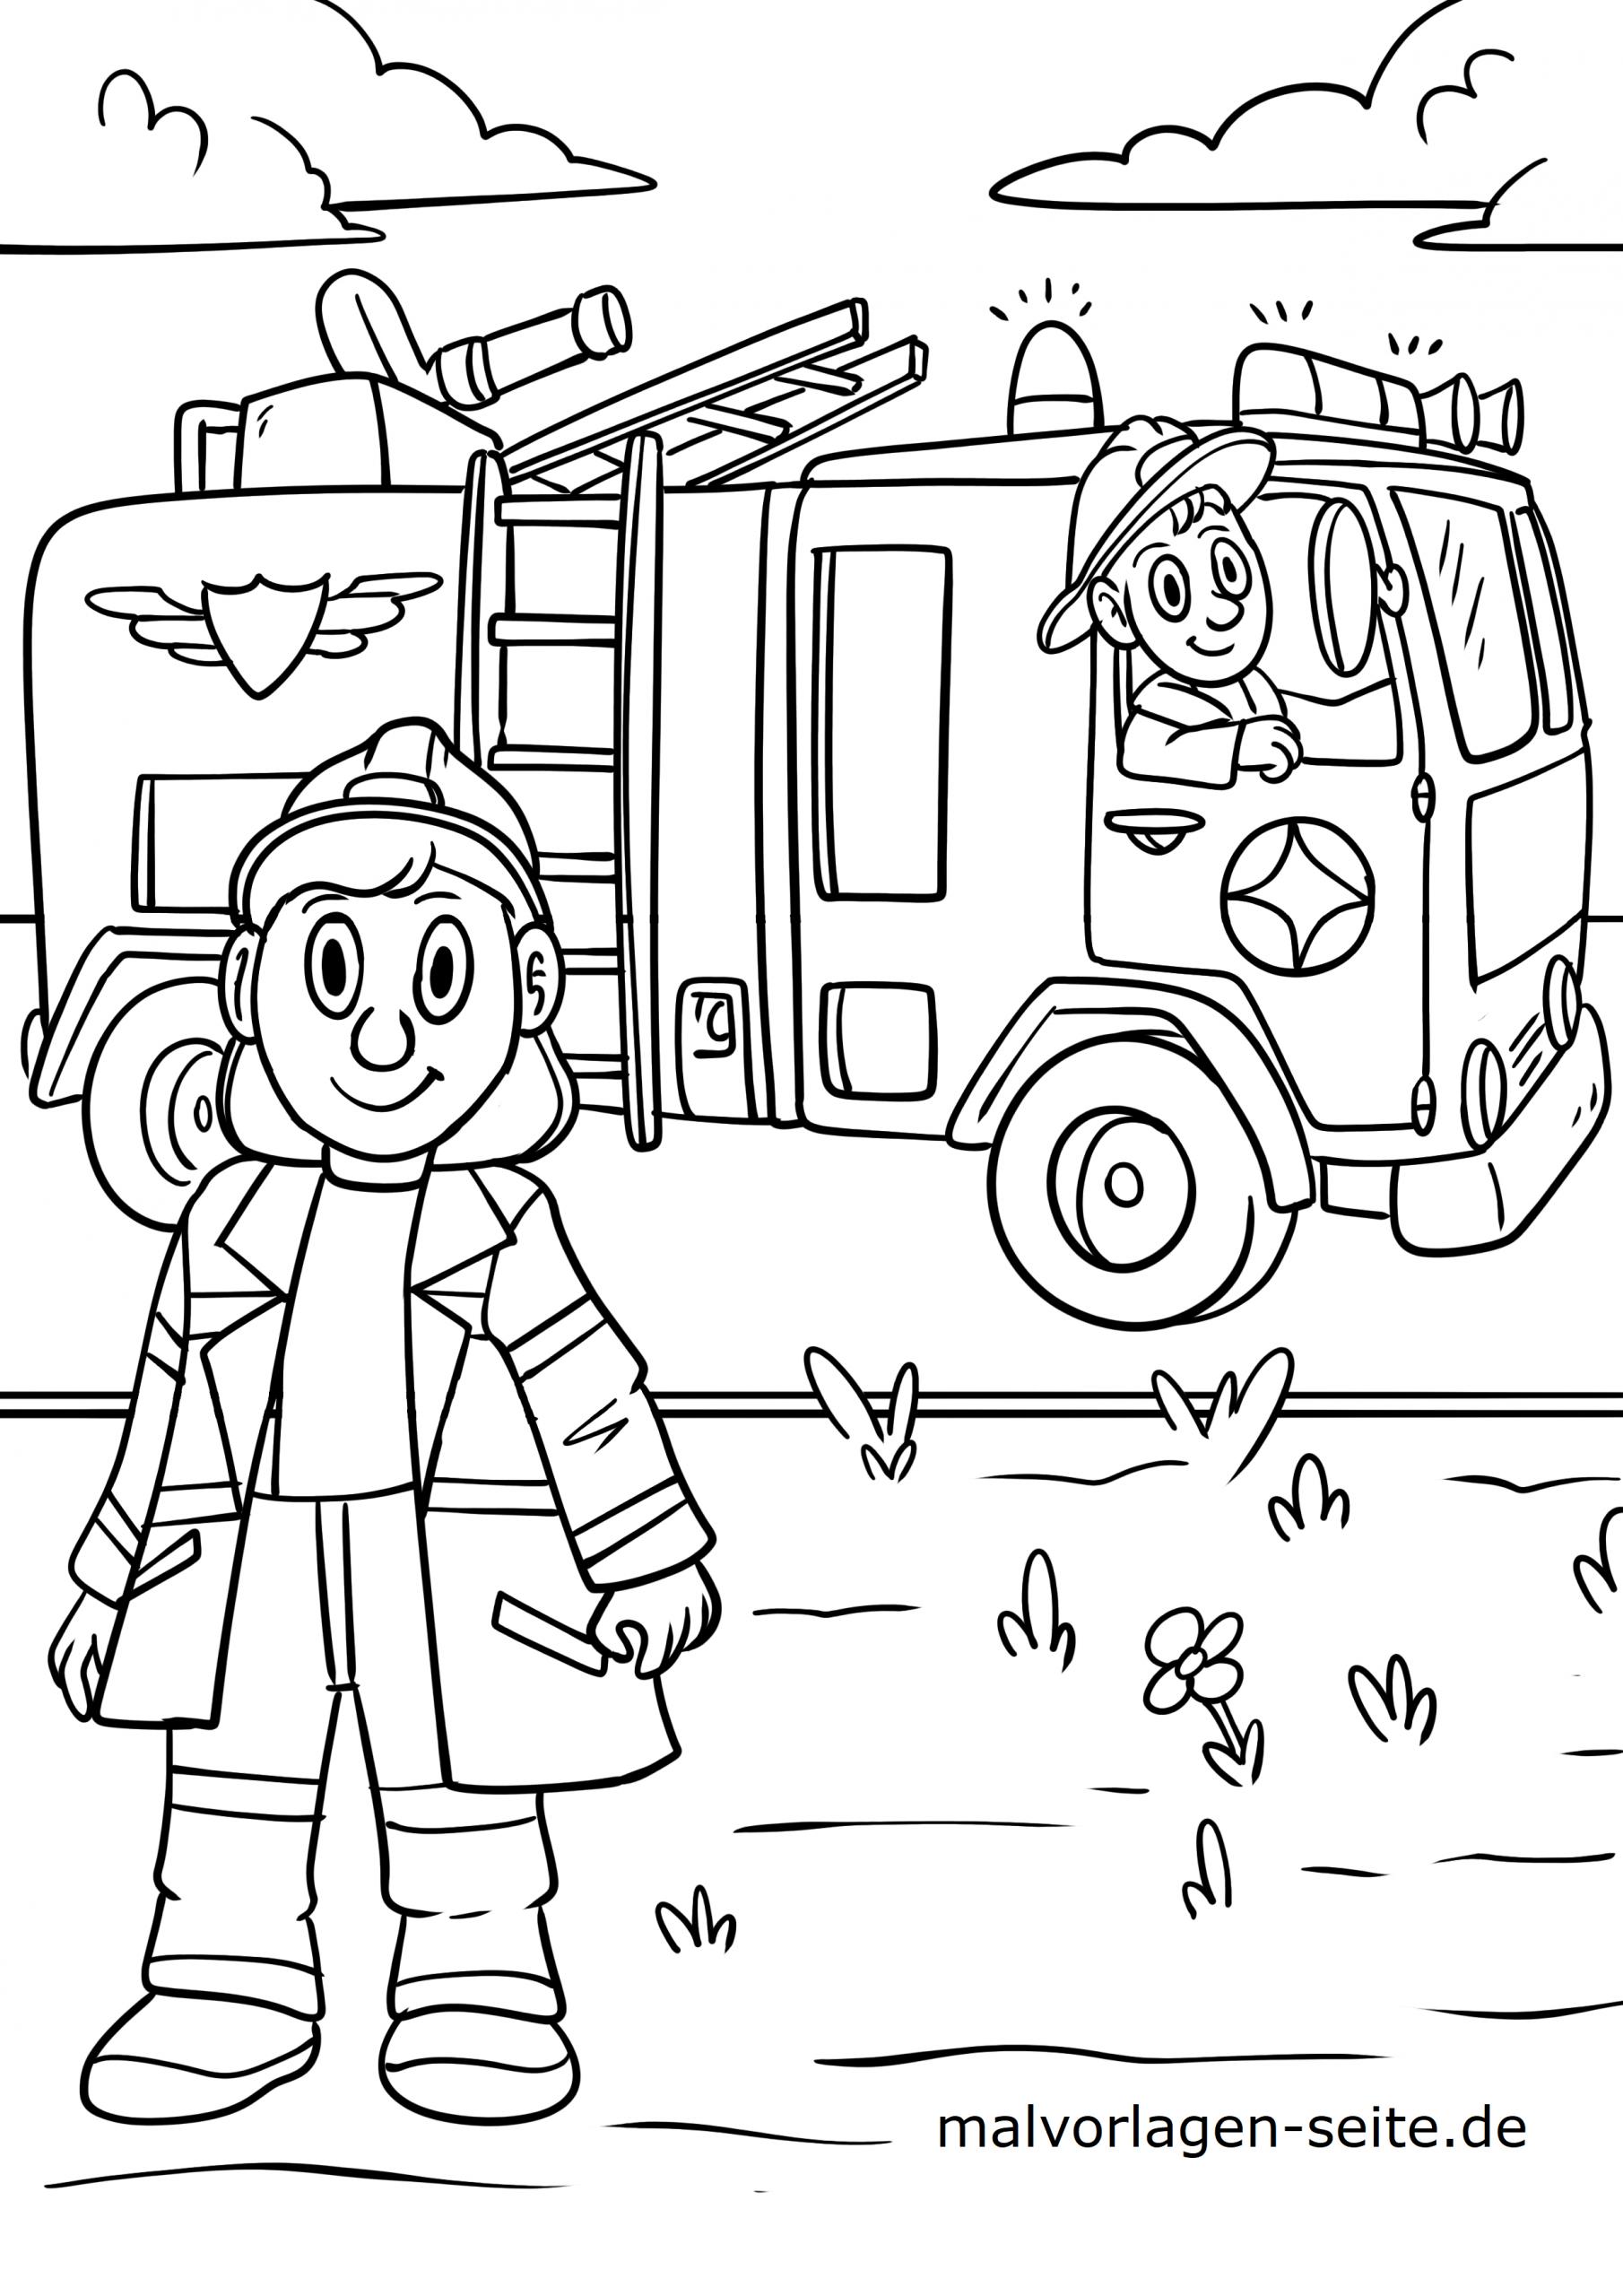 Malvorlage Feuerwehr - Ausmalbilder Kostenlos Herunterladen über Feuerwehr Bilder Zum Ausmalen